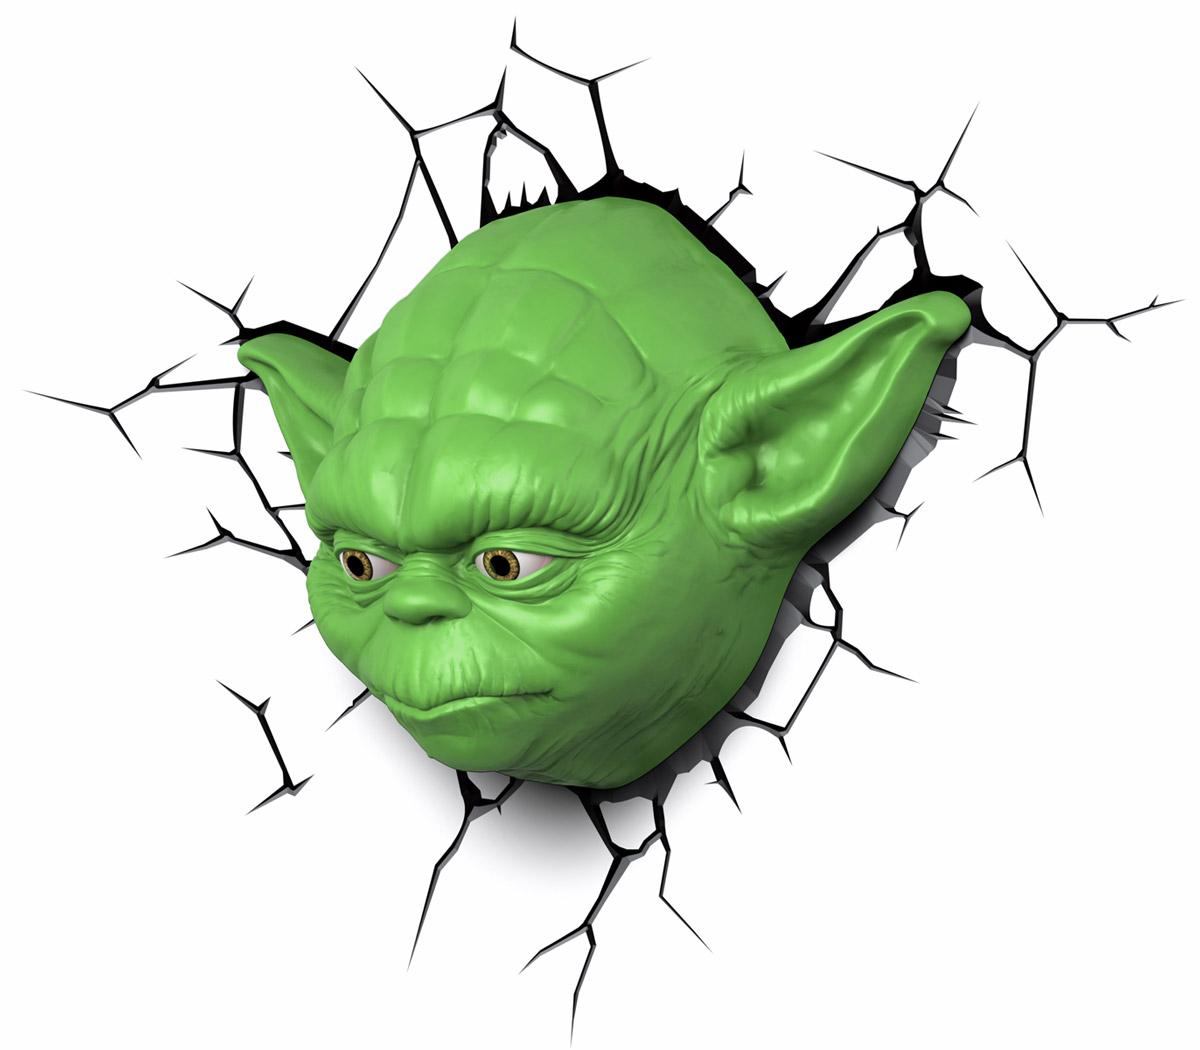 Star Wars Пробивной 3D светильник Йода50025Пробивной 3D светильник Star Wars Йода обязательно понравится вашему ребенку.Особенности: Безопасный: без проводов, работает от батареек (3хАА, не входят в комплект);Не нагревается: всегда можно дотронуться до изделия;Реалистичный: 3D наклейка-имитация трещины в комплекте;Фантастический: выглядит превосходно в любое время суток;Удобный: простая установка (автоматическое выключение через полчаса непрерывной работы).Товар предназначен для детей старше 3 лет. ВНИМАНИЕ! Содержит мелкие детали, использовать под непосредственным наблюдением взрослых.